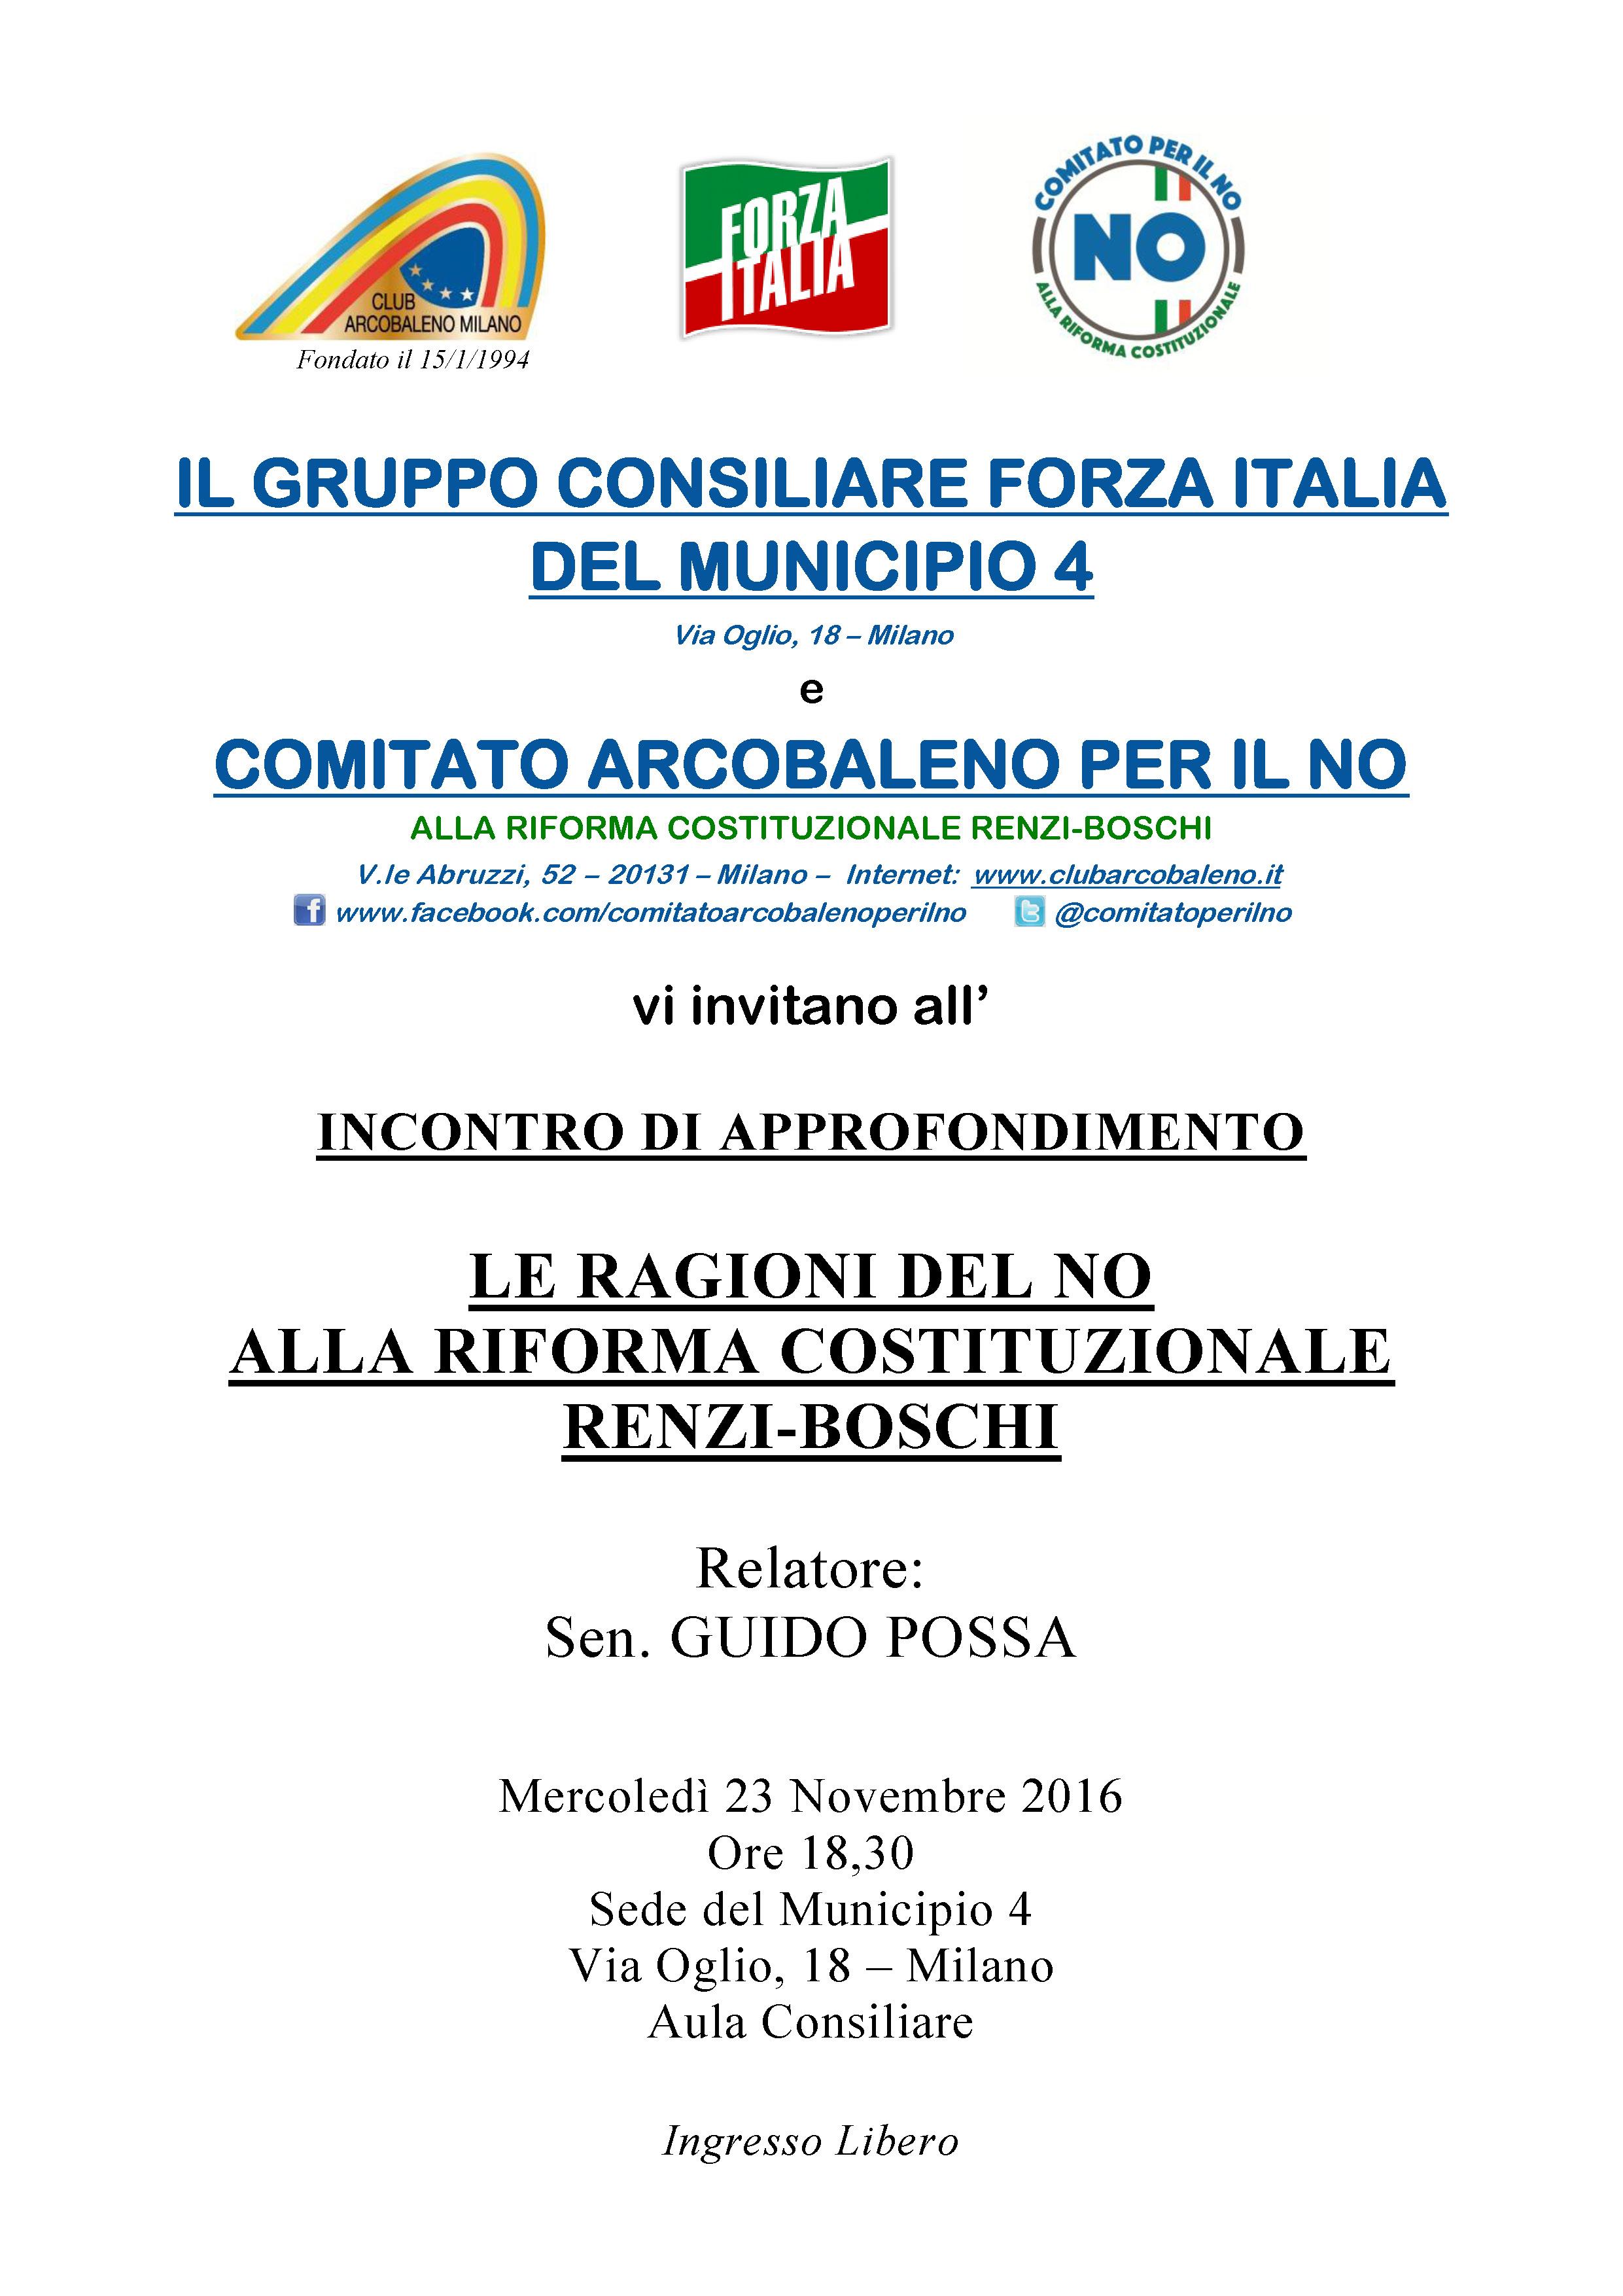 incontro-approfondimento-perche-no-locandina-23-11-2016